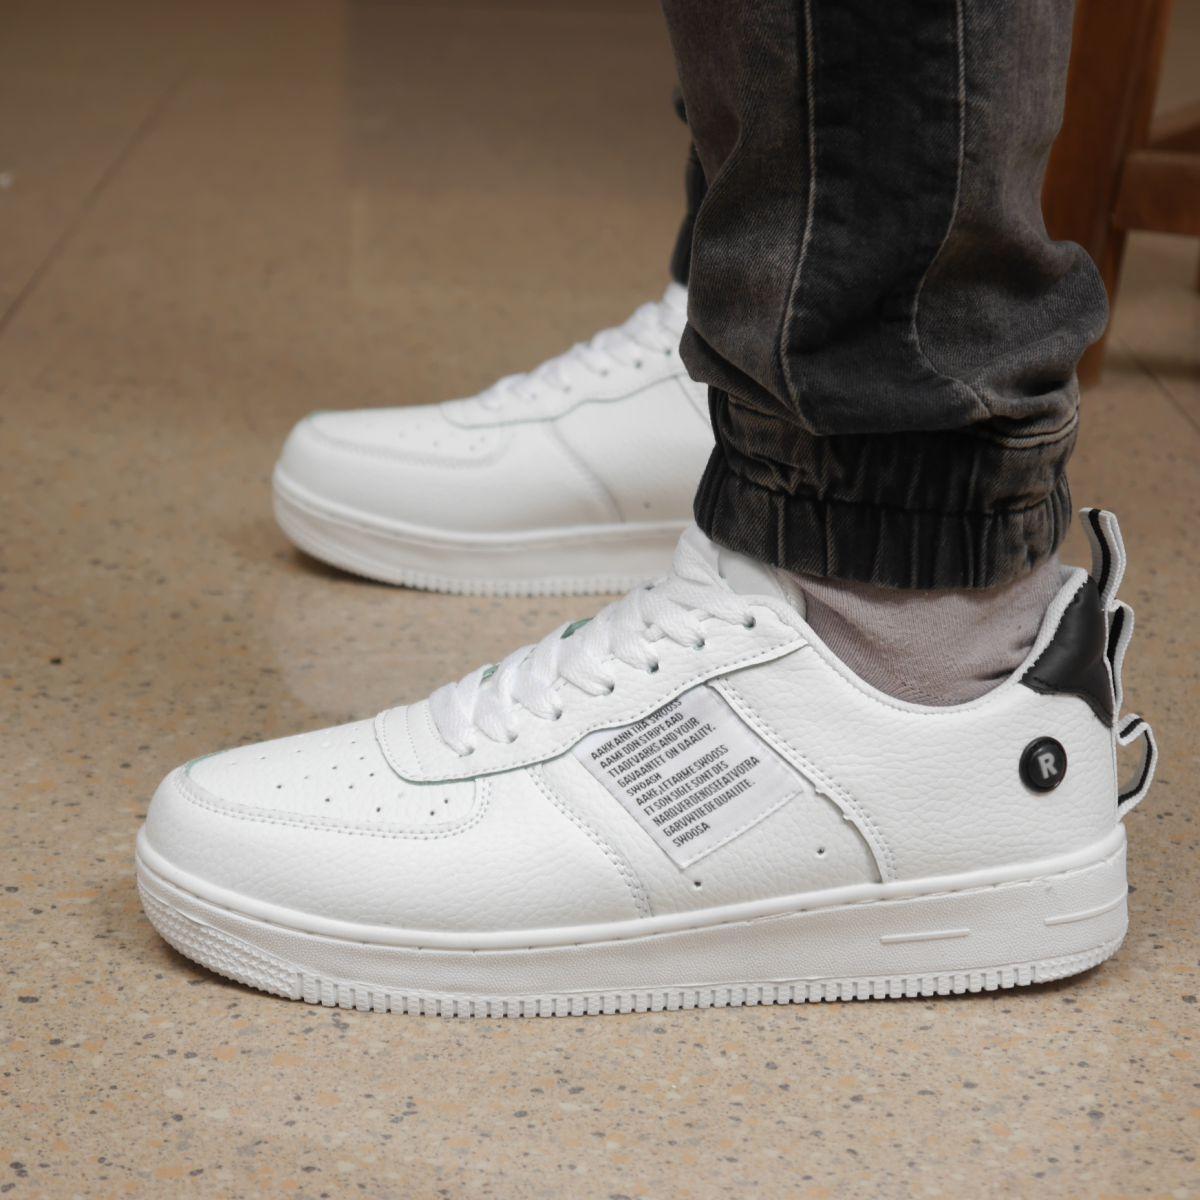 Кросівки чоловічі 18143, Next, білі, [ 41 42 43 44 45 46 ] р. 41-26,0 див.